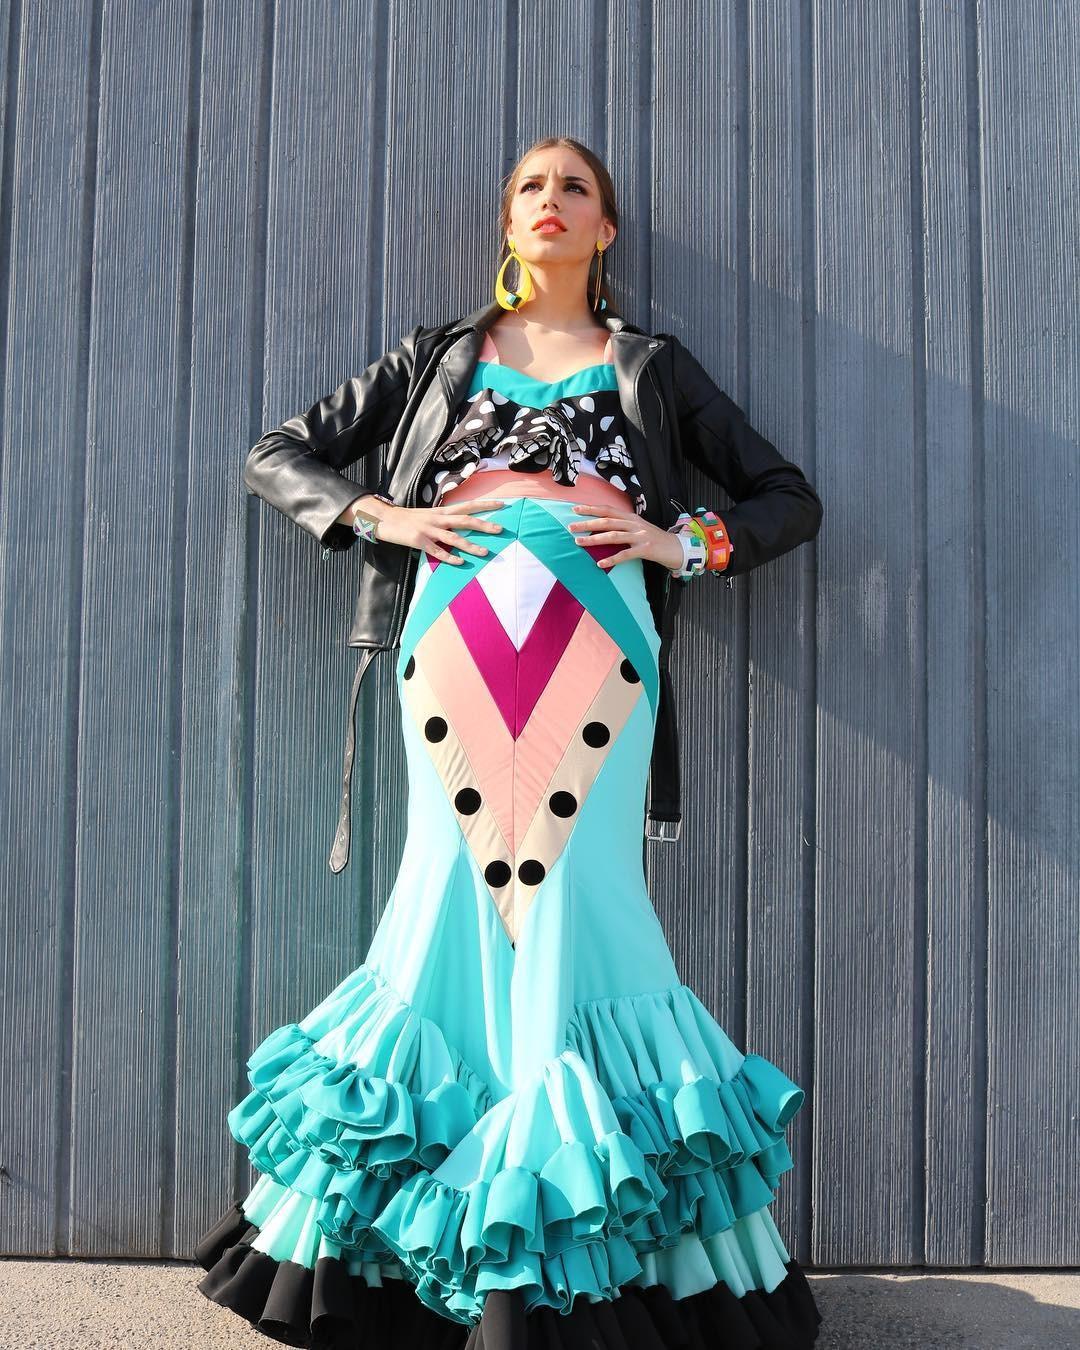 77aa7dca31745 Las tendencias en moda flamenca 2018 más deseadas de la Feria de Abril